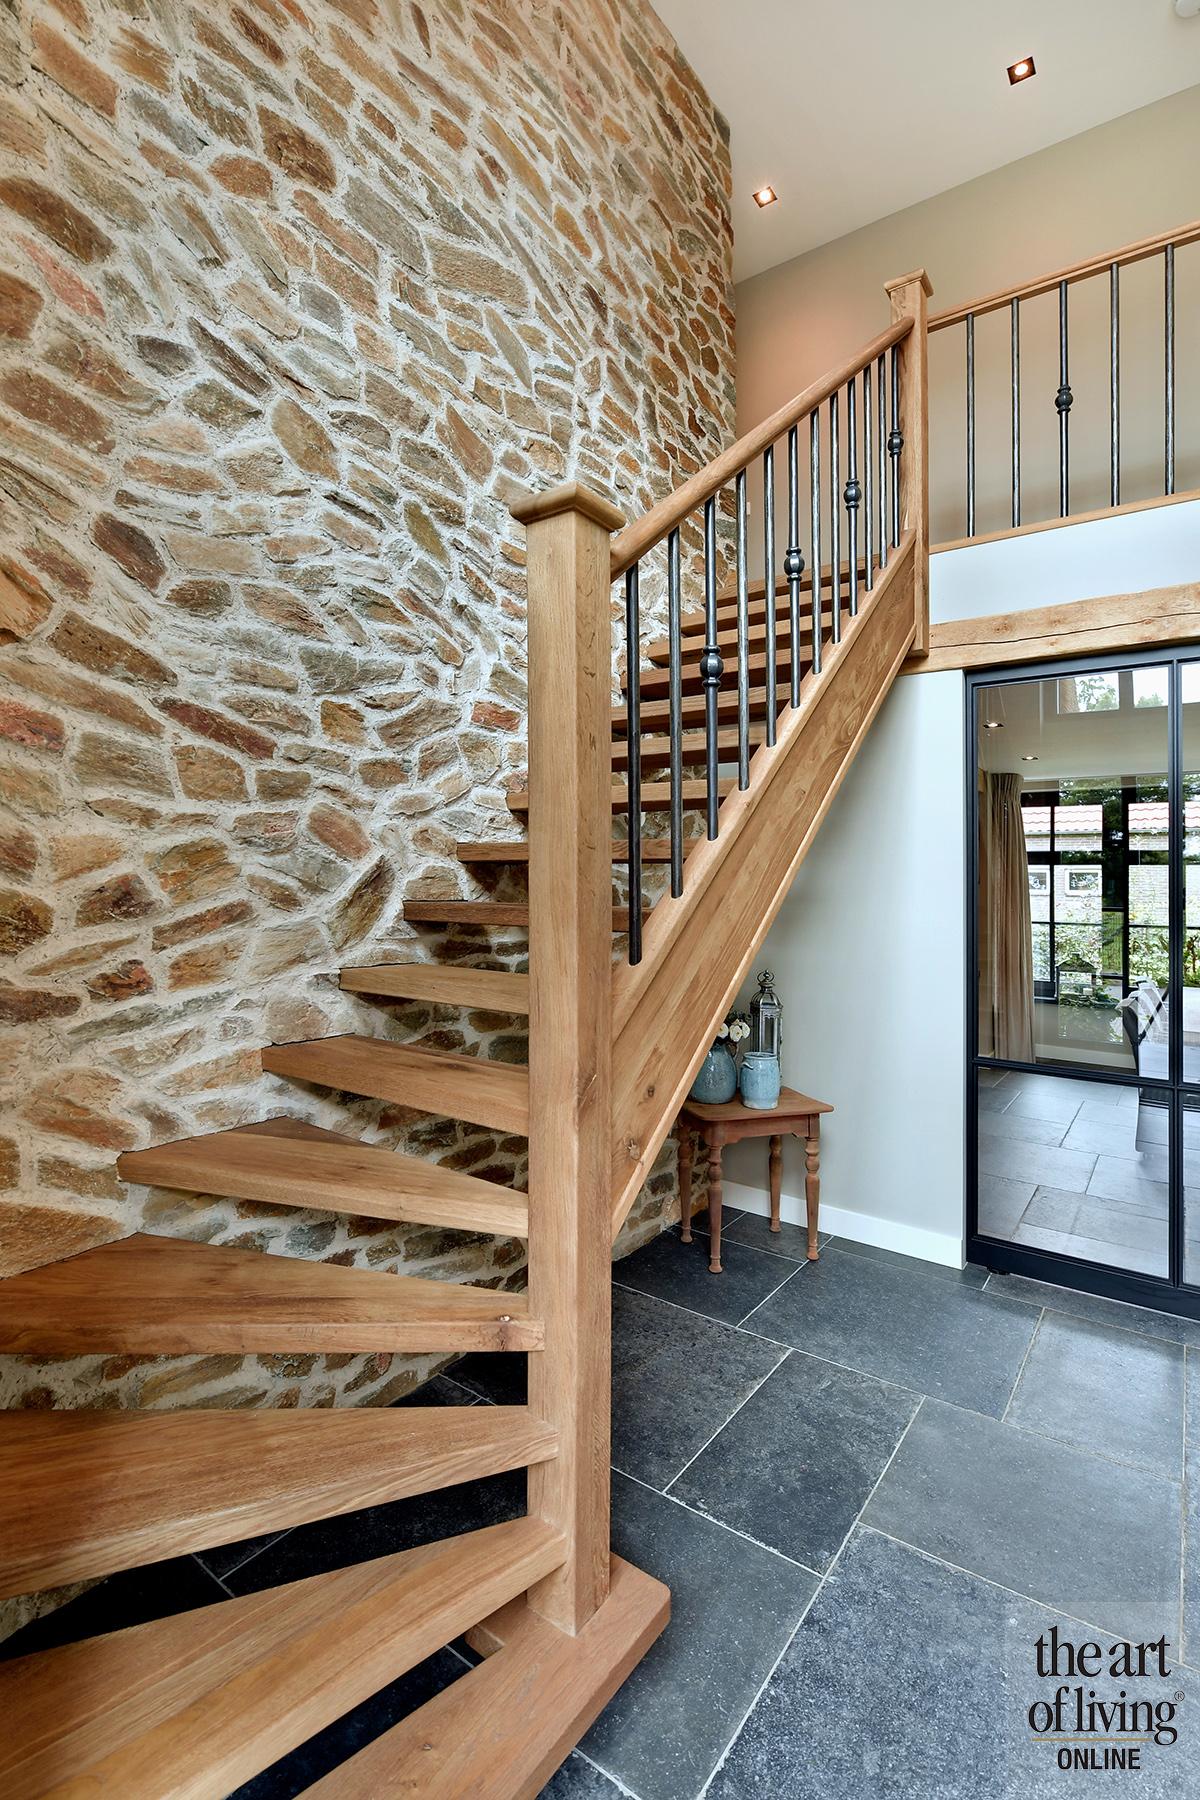 woonboerderij, de rooy metaaldesign, stalen deuren, klassiek, luxe, tegelvloer, hout, exclusief wonen